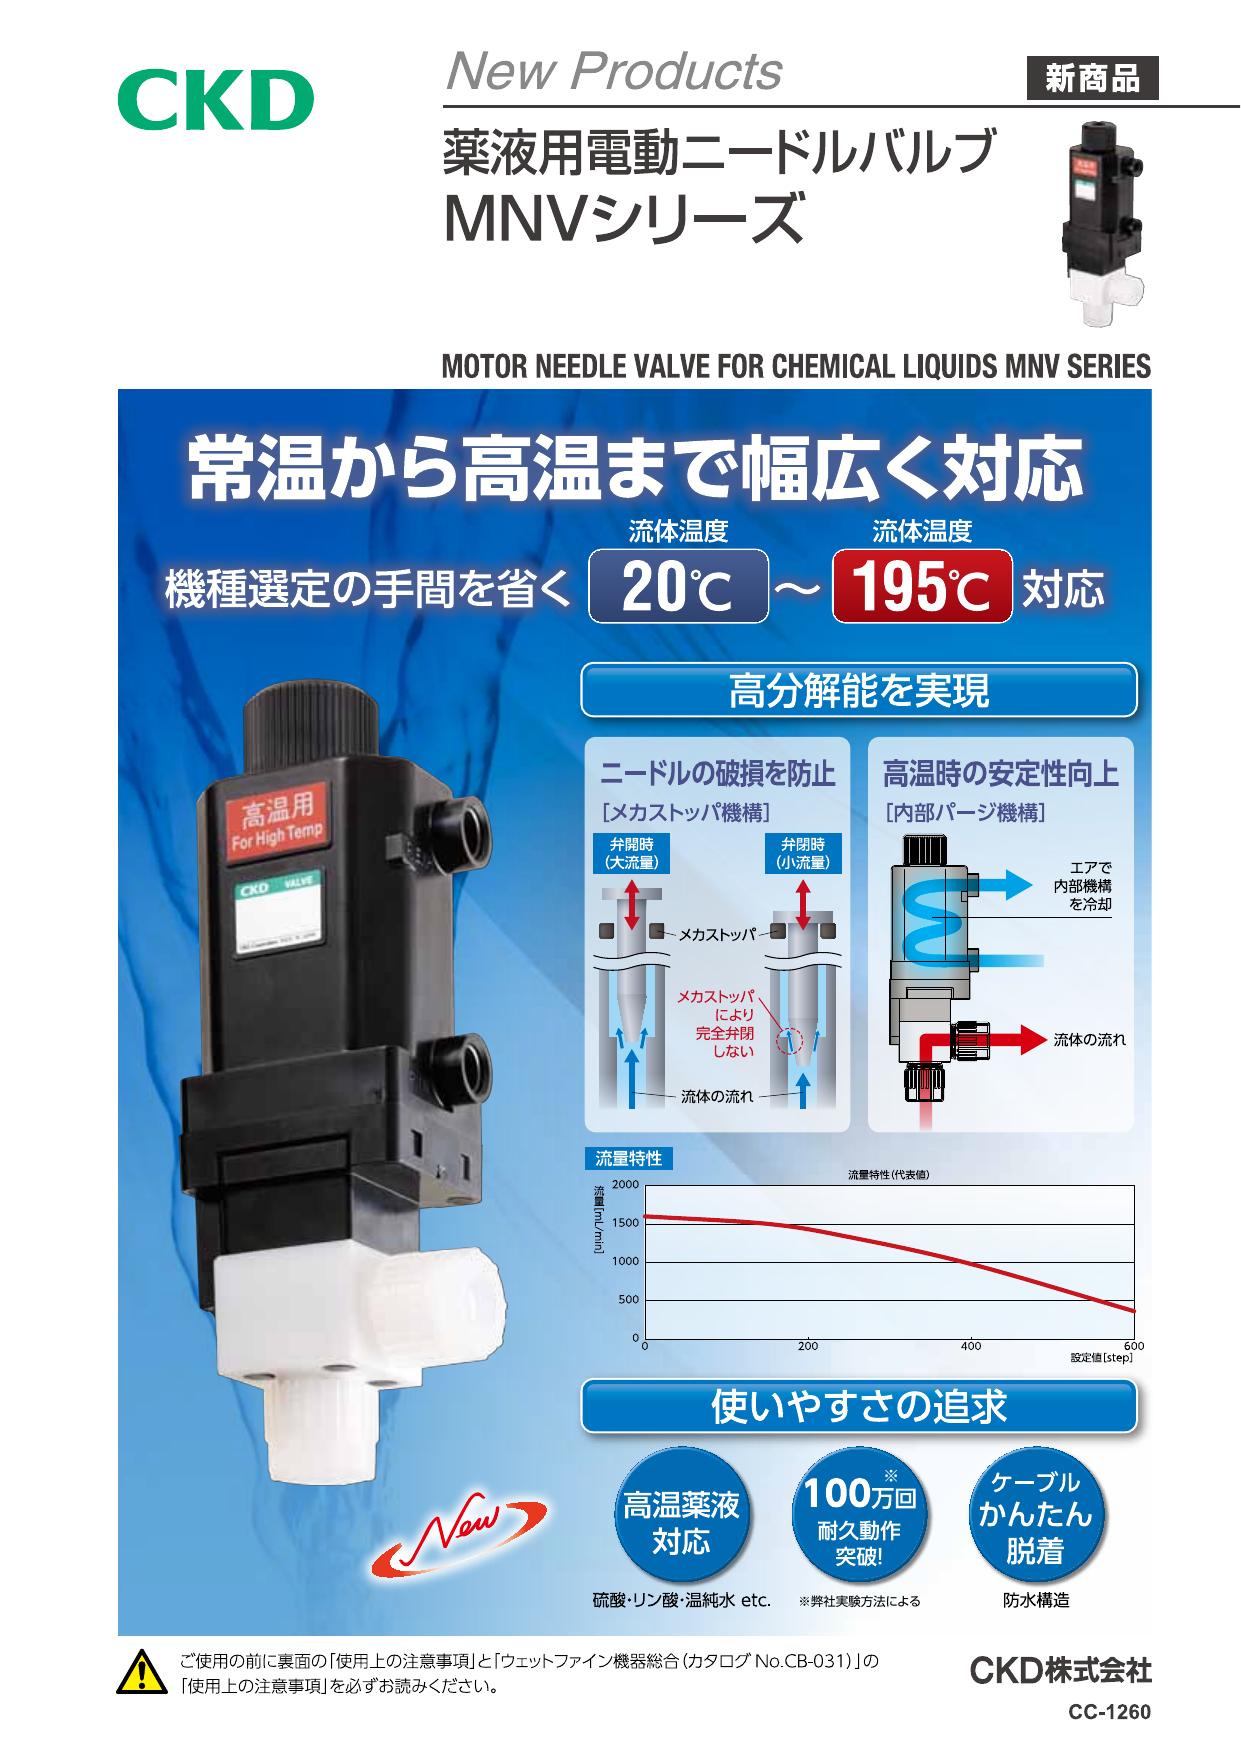 薬液用電動ニードルバルブMNVシリーズ